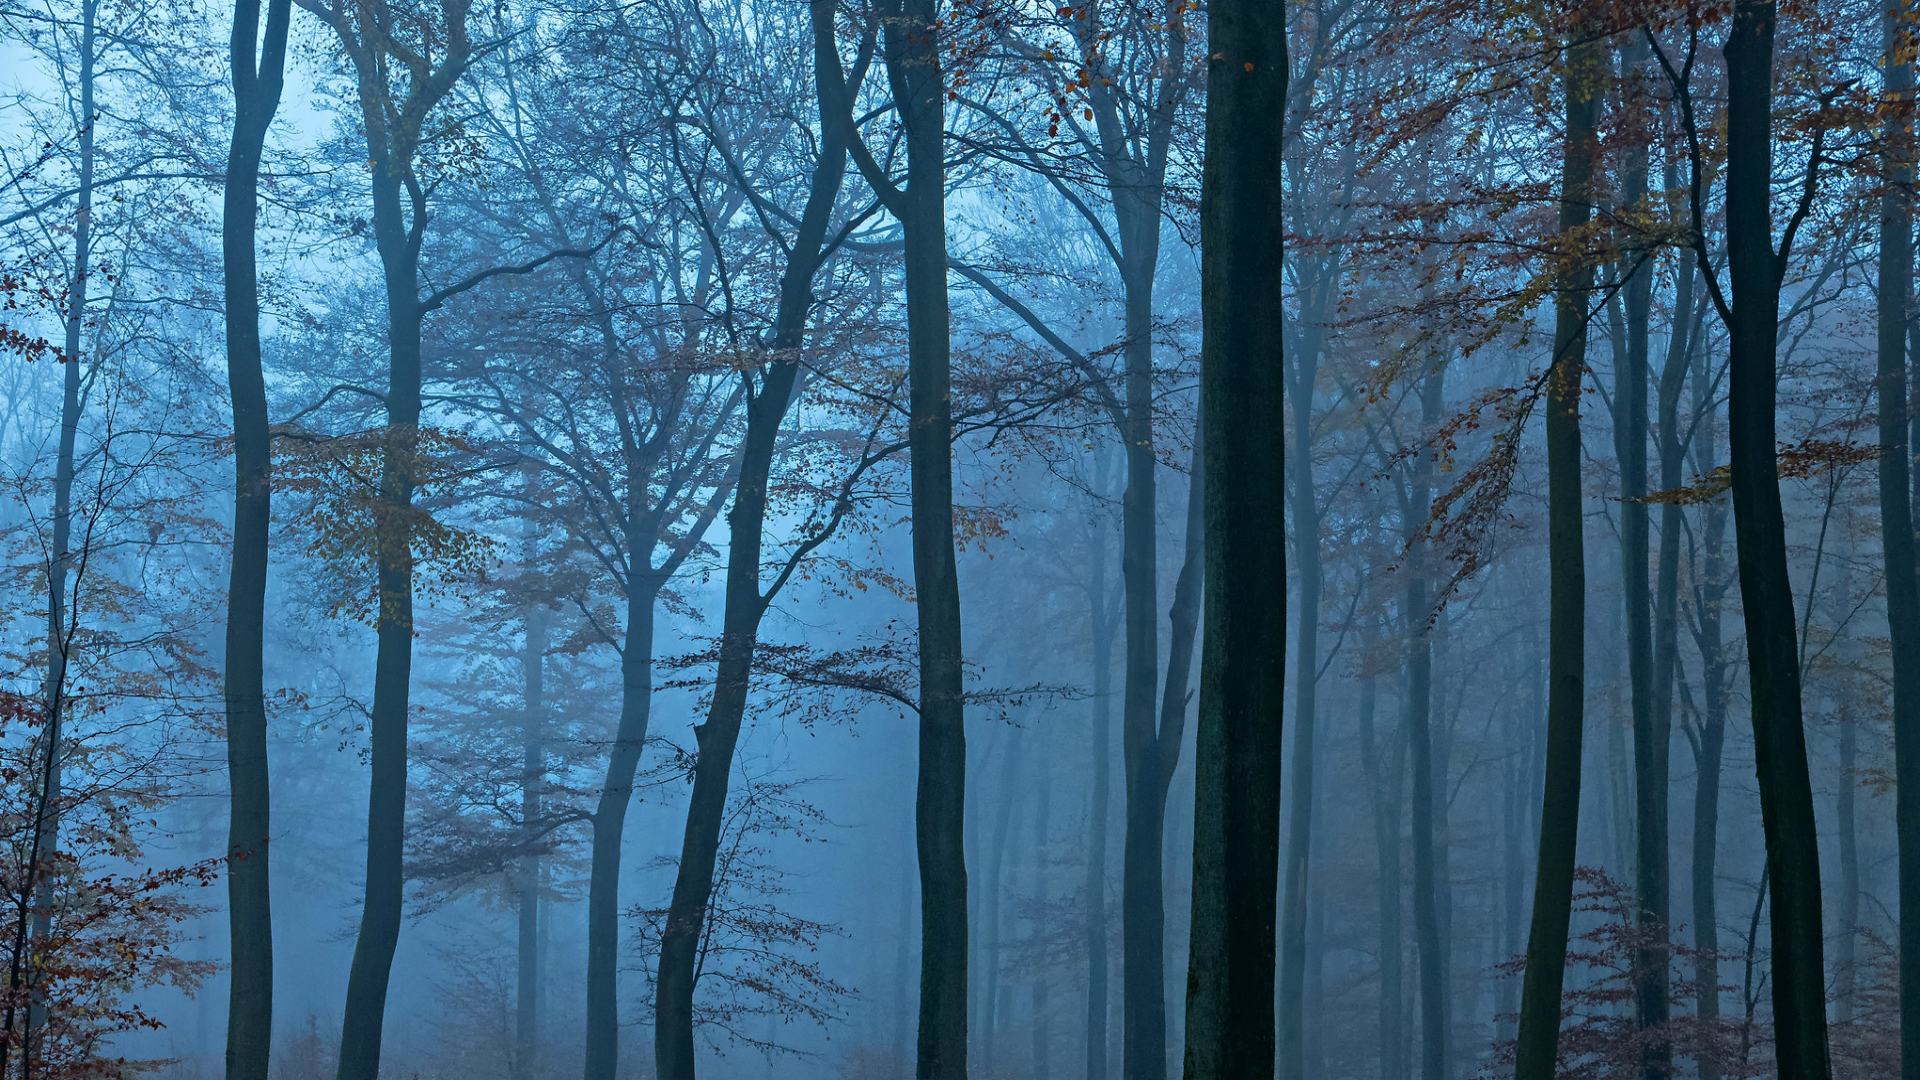 обои на рабочий стол лес в тумане hd № 252011  скачать